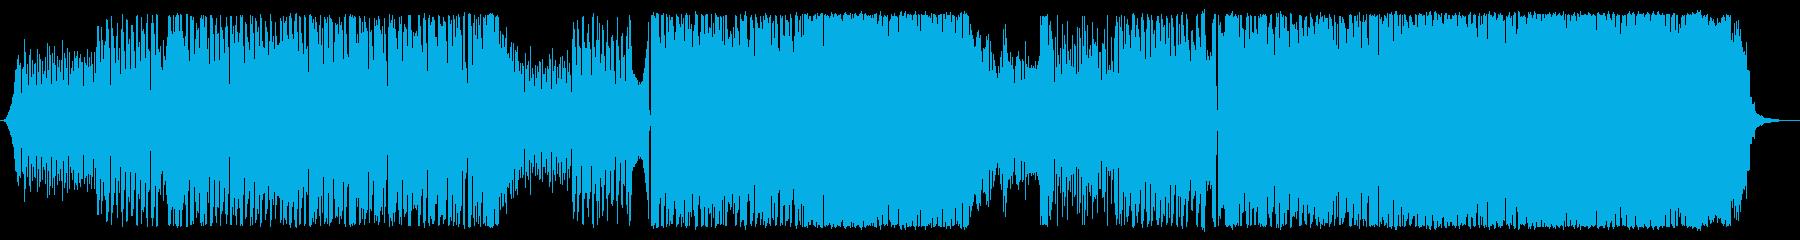 夏の爽快エレクトロニカ・ポップの再生済みの波形